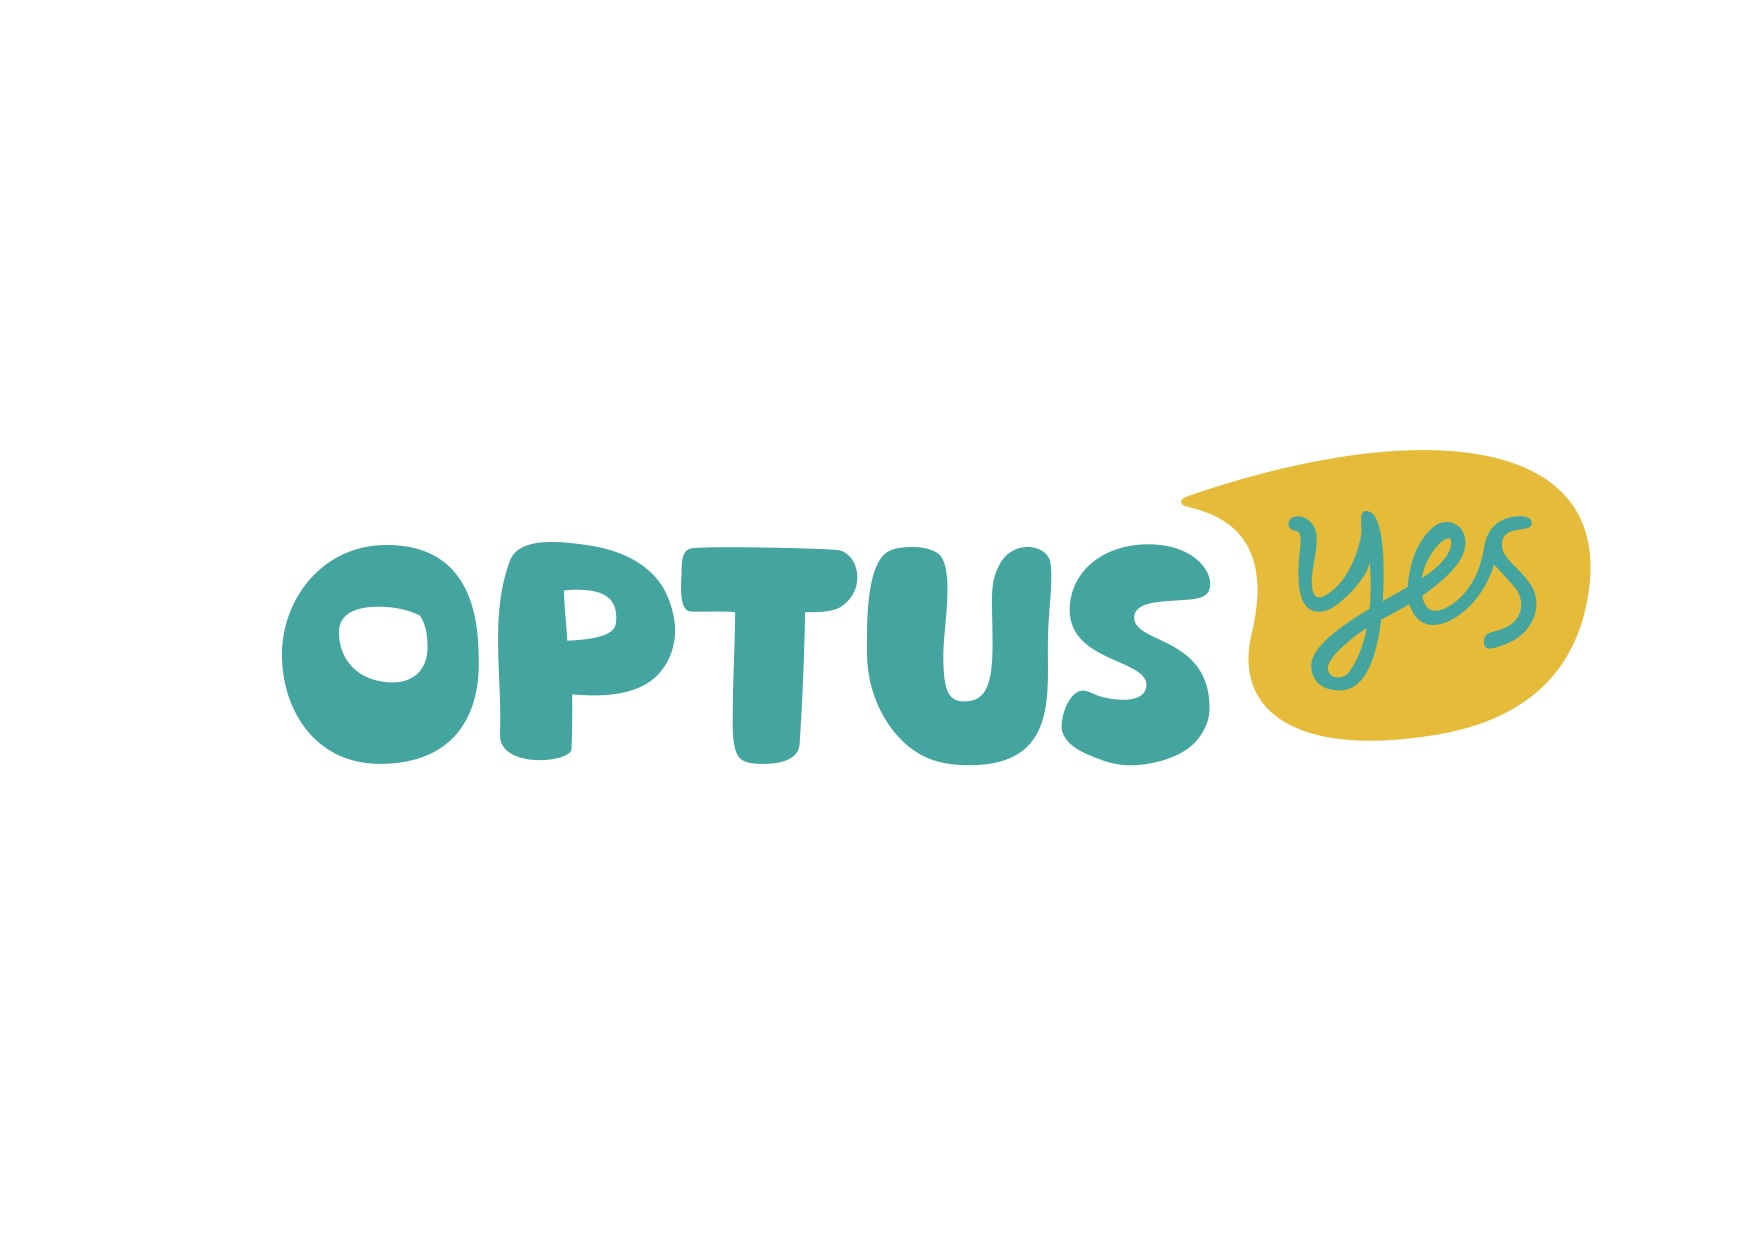 Australia Optus iPhone 3G/3GS/4S/5/5C/5S/6/6+ IMEI Premium Servis (1 do 4dana)